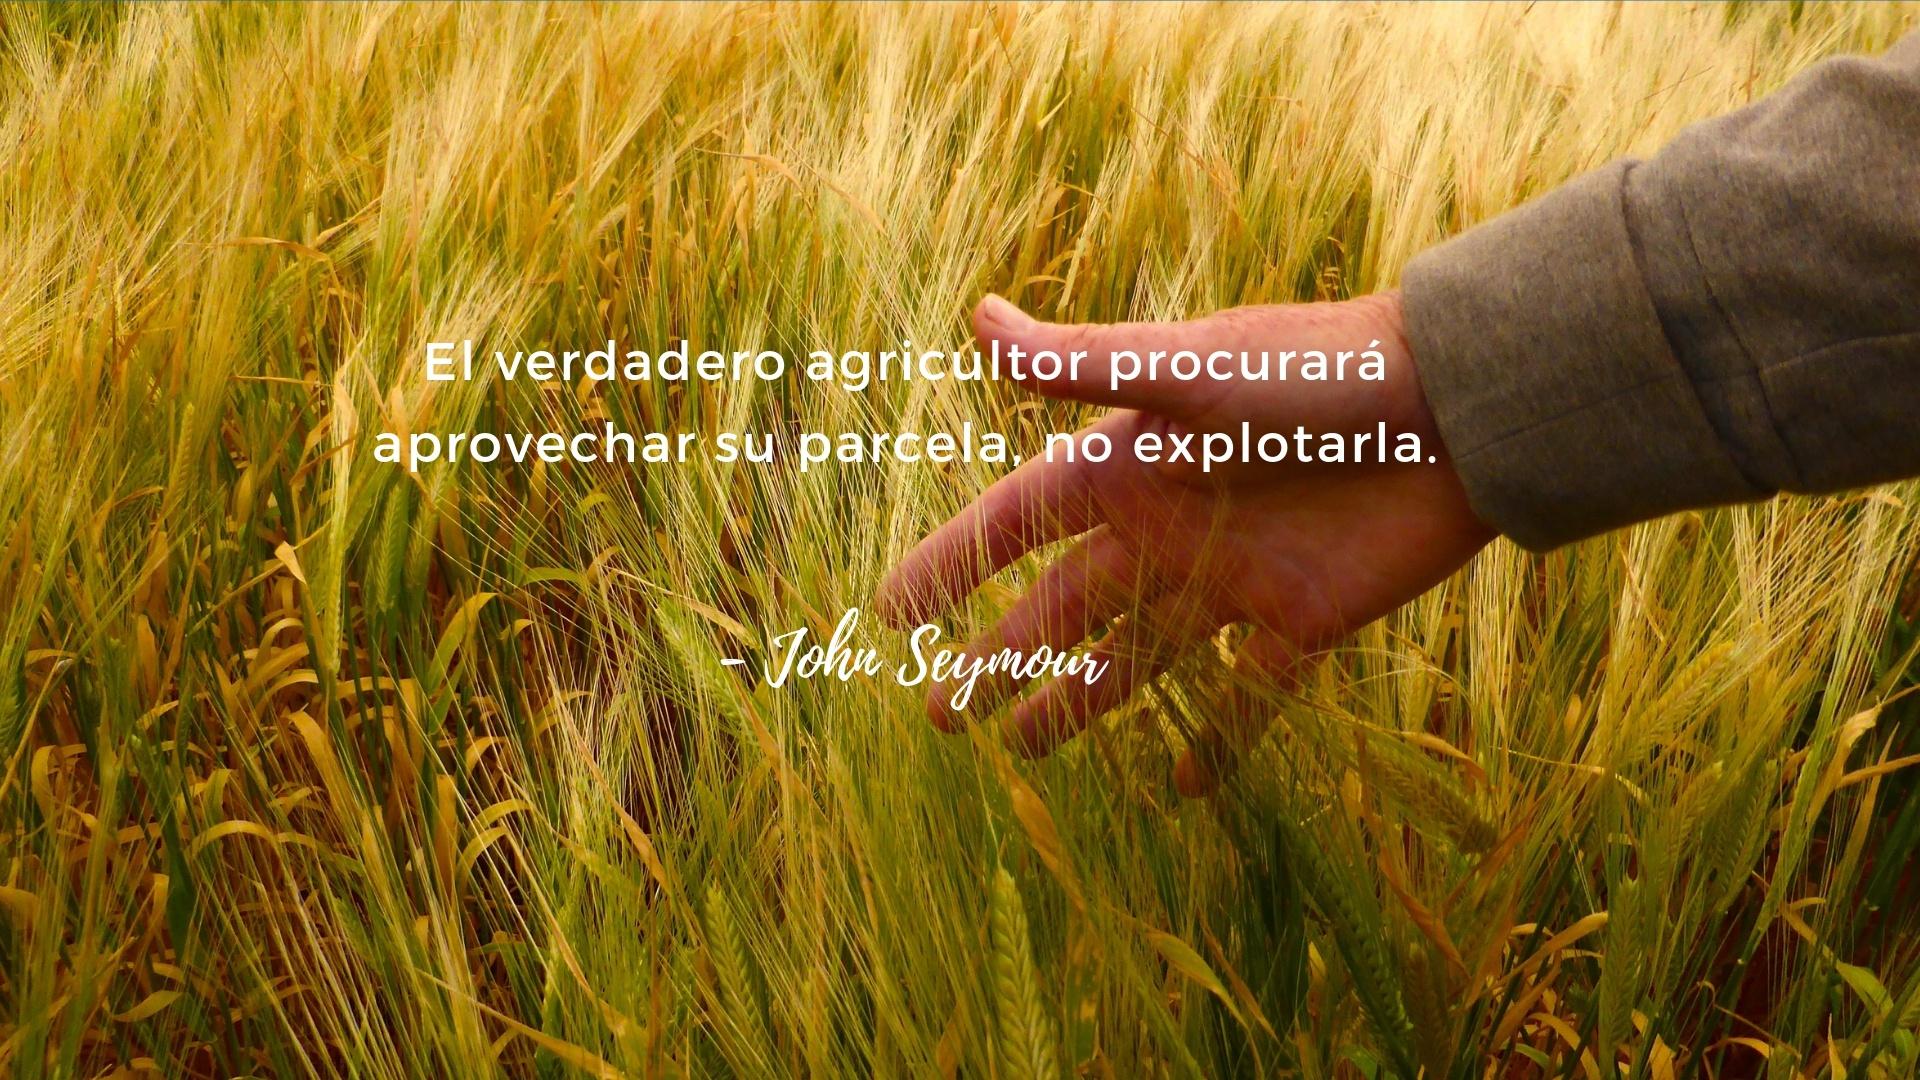 Agricultores_prósperos_significa_más_empleo (4)